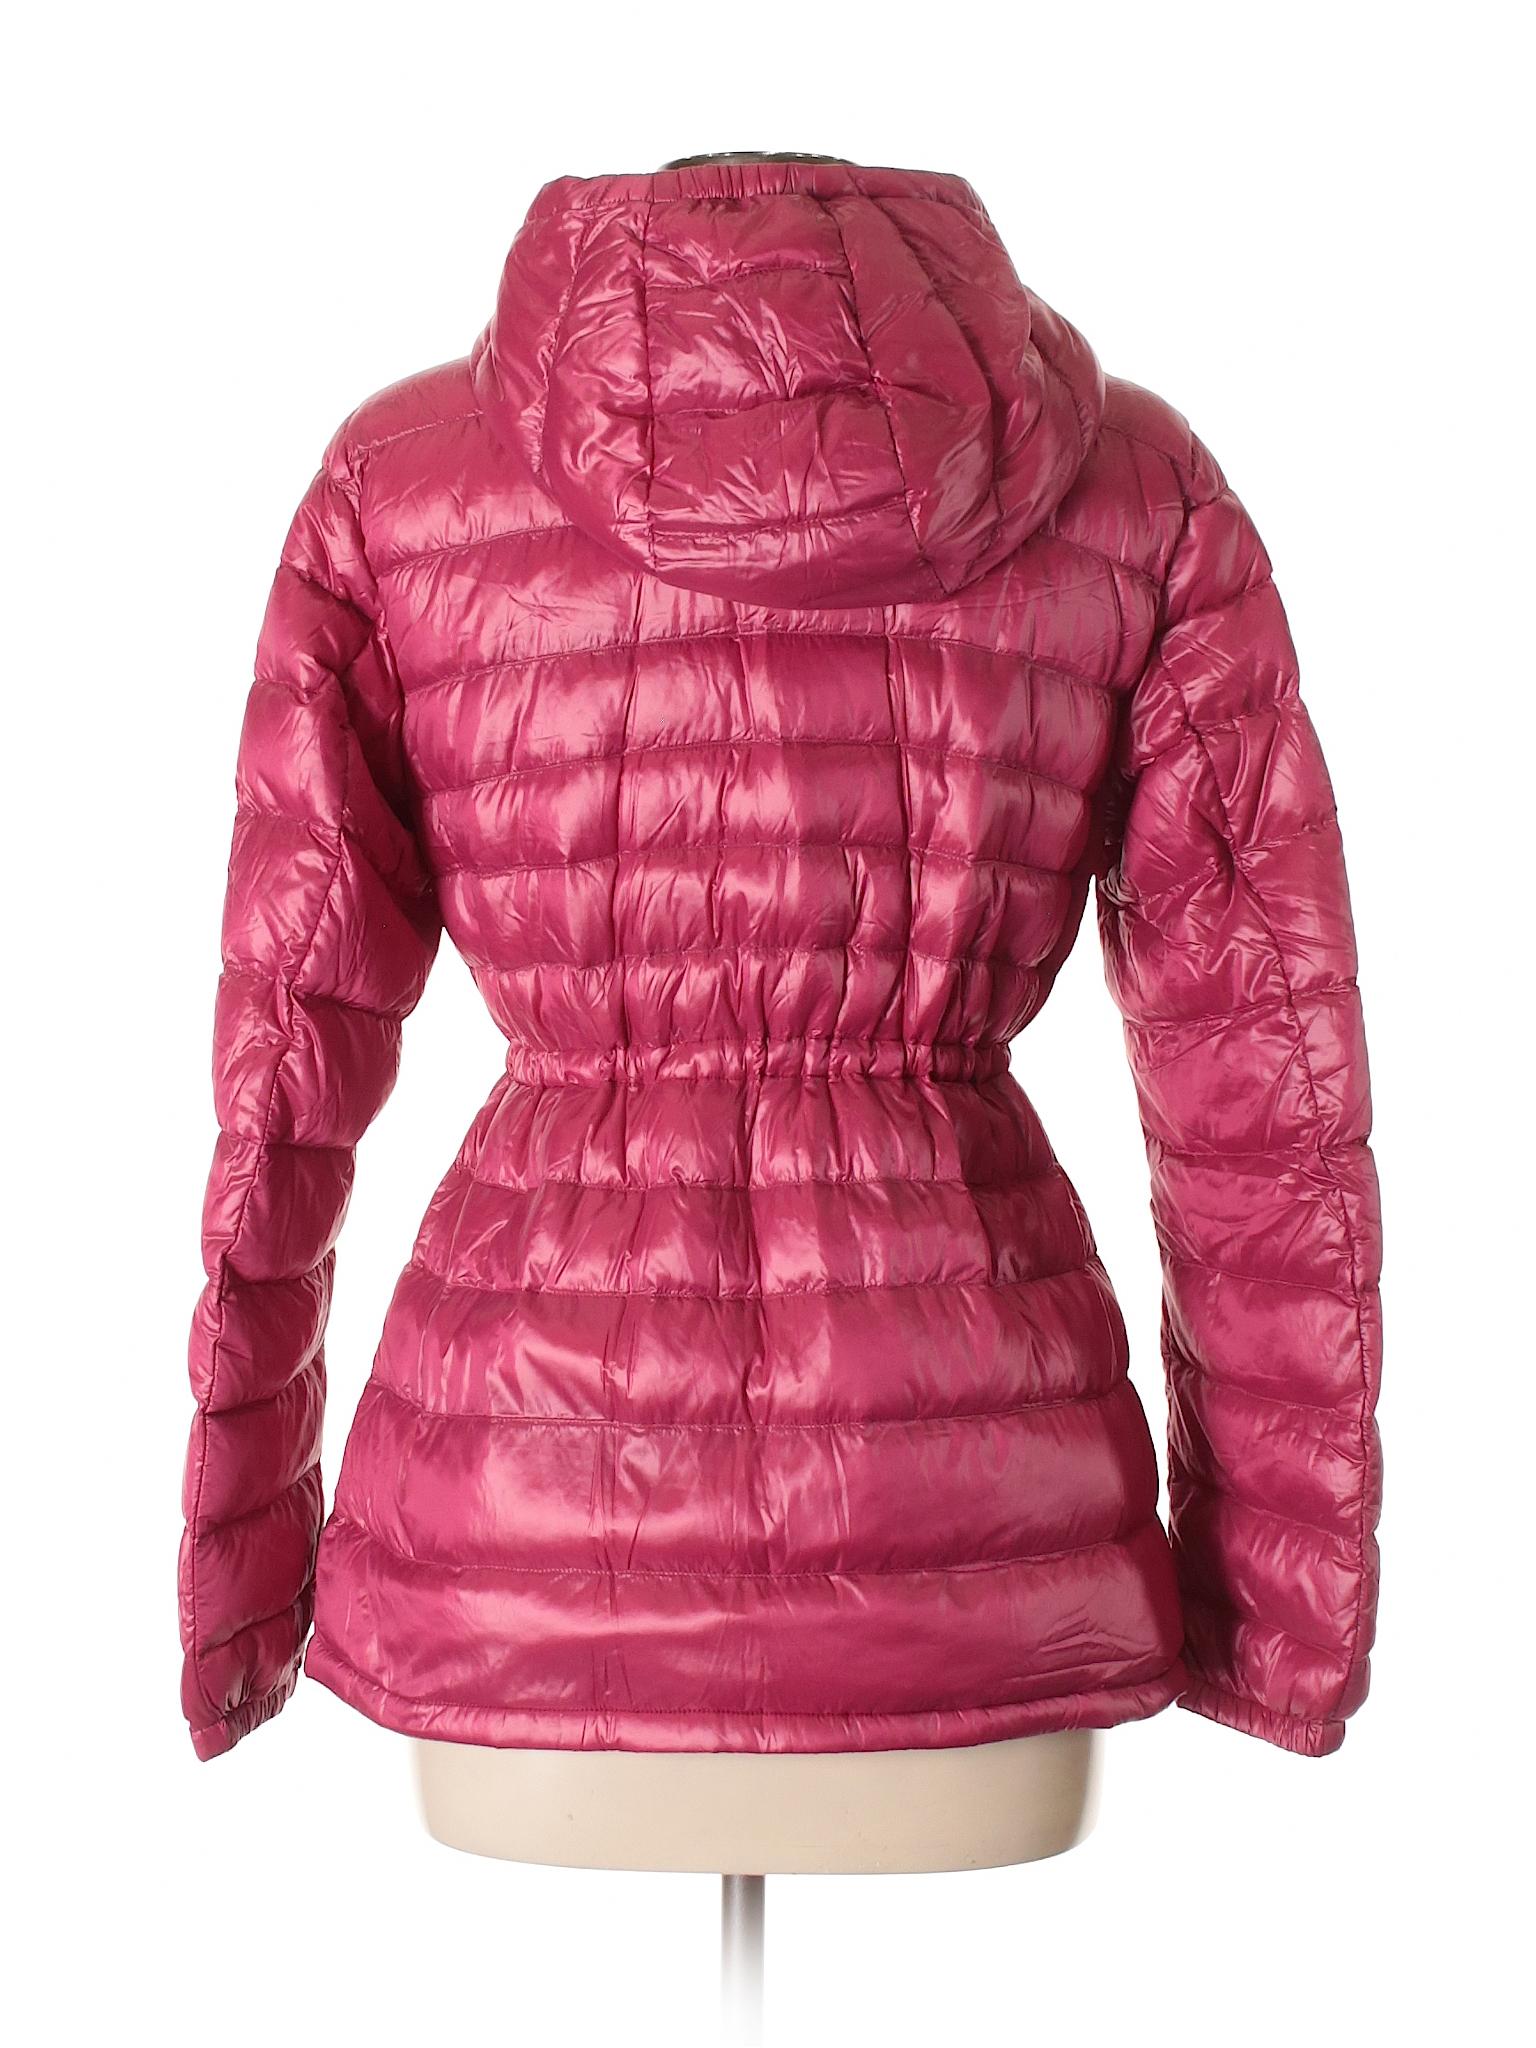 leisure Uniqlo leisure leisure Uniqlo Coat Coat Boutique leisure Boutique Uniqlo Boutique Boutique Coat Uniqlo FaYwP